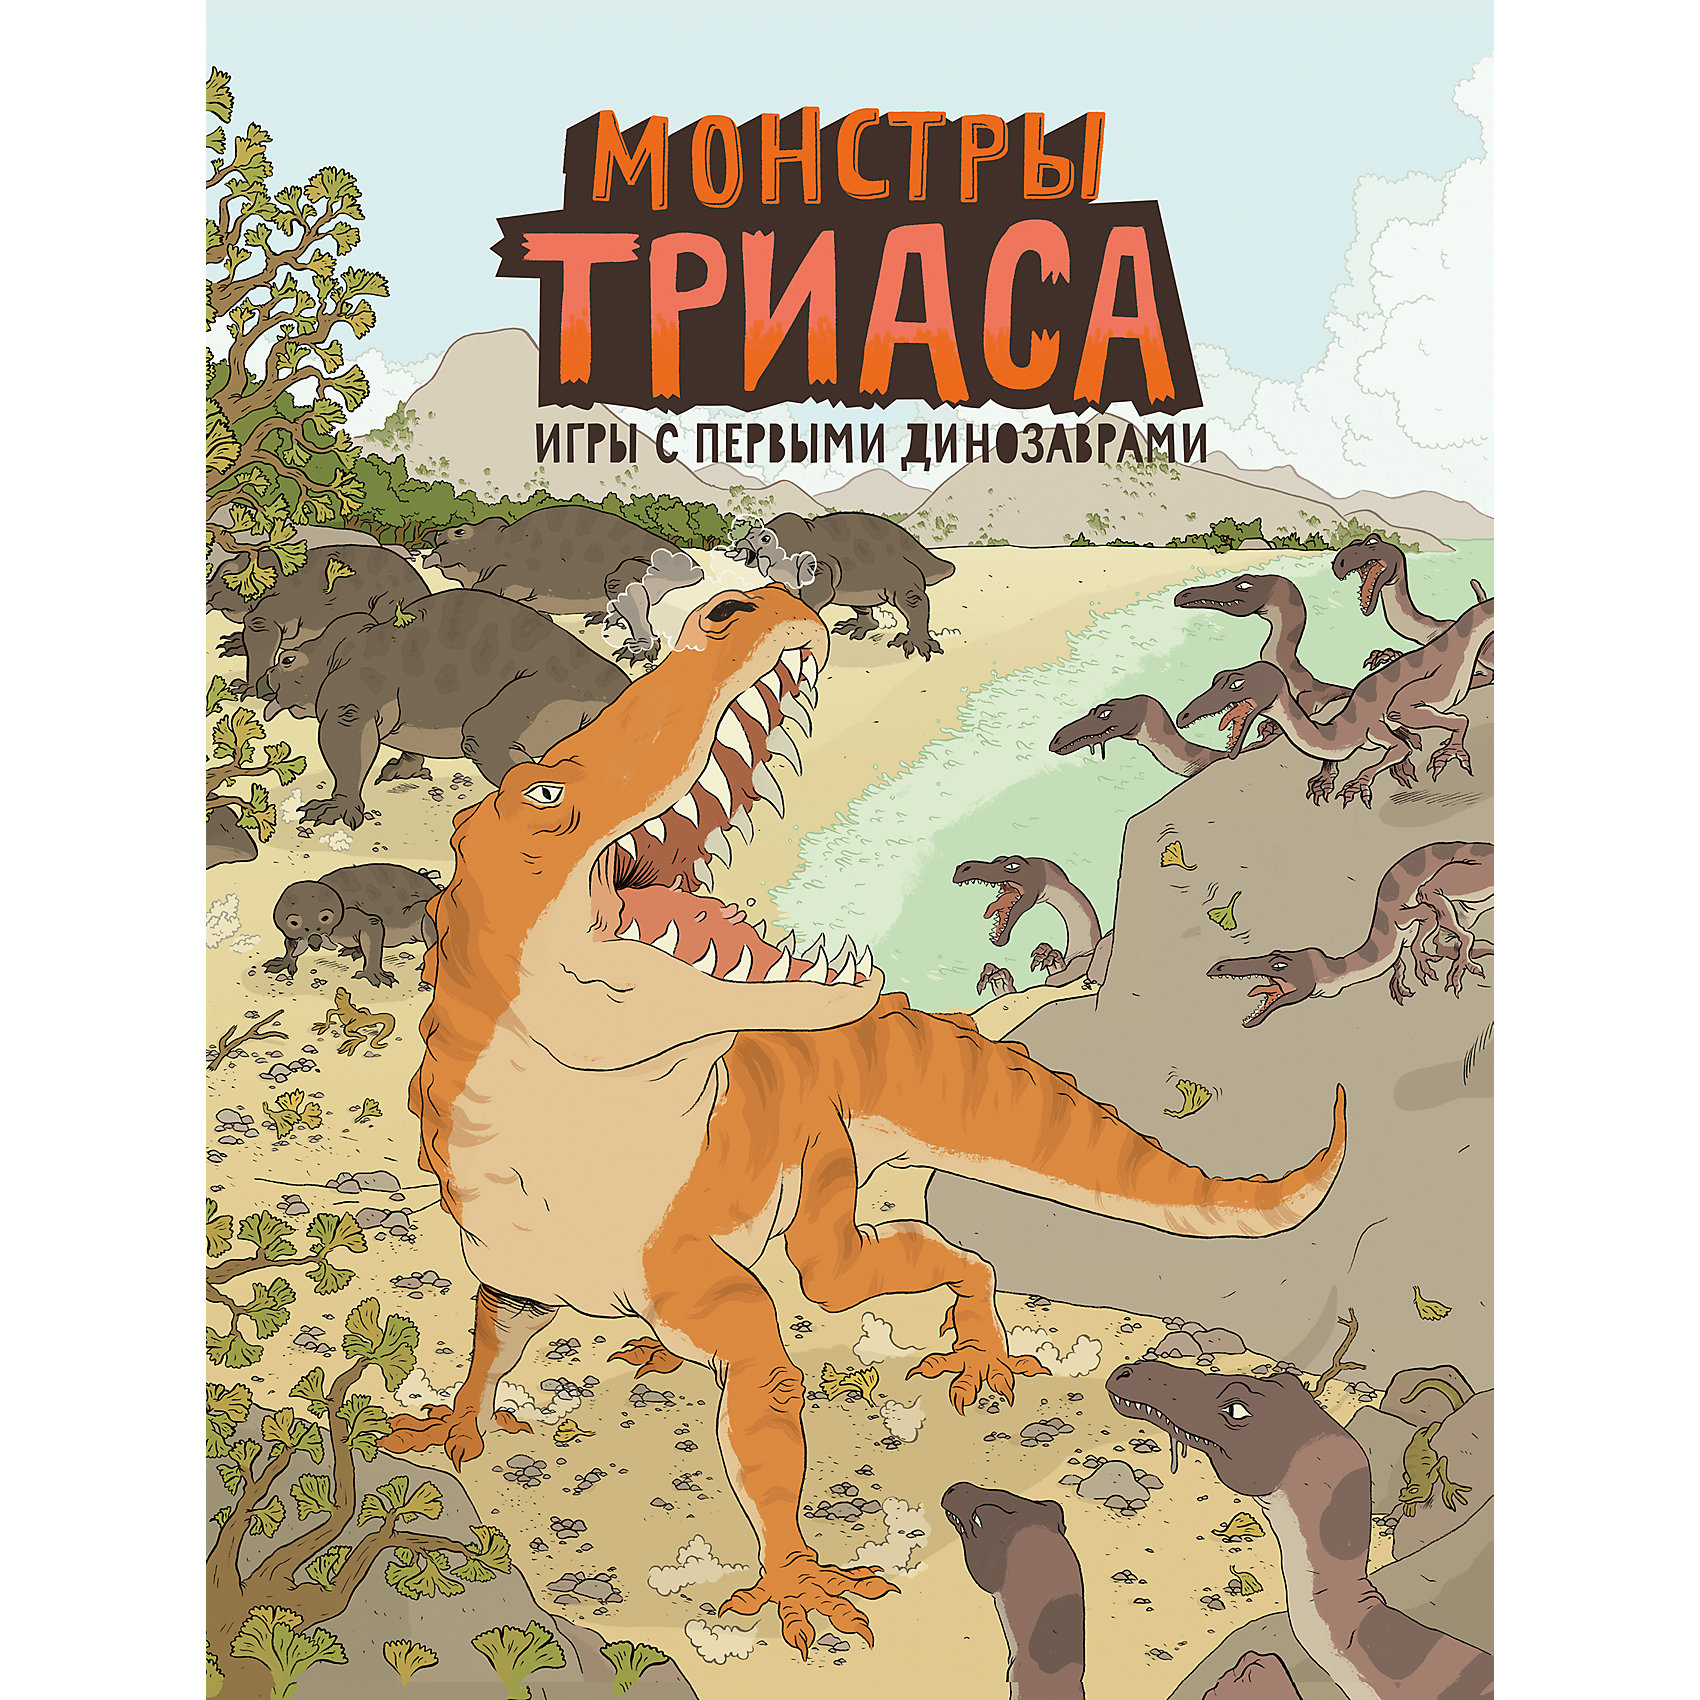 Игры с первыми динозаврами Монстры триасаКнига Монстры триаса. Игры с первыми динозаврами поможет Вашему ребенку отправиться в захватывающее путешествие в эпоху триаса - во времена, когда воды мирового океана омывали один единственный суперконтинент Пангею, а Землю населяли ужасные монстры: предки современных крокодилов - псевдозухии, прародители млекопитающих - синапсиды и самые первые динозавры. Вы узнаете как выглядели ранние динозавры, чем питались и какой вели образ жизни, кто из них жил на суше, кто в воде, а кто первым освоил небеса. Эта необычная книга-игра с веселыми заданиями и увлекательными играми познакомит Вашего ребенка с триасовым периодом и расскажет о том, какие животные населяли нашу планету 250 миллионов лет назад. В книге есть игры, в которые можно играть и после прочтения: игра-ходилка и игра- рыбалка. Для детей младшего школьного возраста.<br><br>Дополнительная информация:<br><br>- Автор: Ник Крамптон.<br>- Художник: Айзек Ленкивиц.<br>- Переплет: твердая обложка.<br>- Иллюстрации: цветные.<br>- Объем: 36 стр. <br>- Размер: 32,1 x 25 x 0,5 см.<br>- Вес: 0,2 кг. <br><br>Книгу Монстры триаса. Игры с первыми динозаврами, Манн, Иванов и Фербер, можно купить в нашем интернет-магазине.<br><br>Ширина мм: 321<br>Глубина мм: 250<br>Высота мм: 5<br>Вес г: 208<br>Возраст от месяцев: 72<br>Возраст до месяцев: 144<br>Пол: Унисекс<br>Возраст: Детский<br>SKU: 4414899